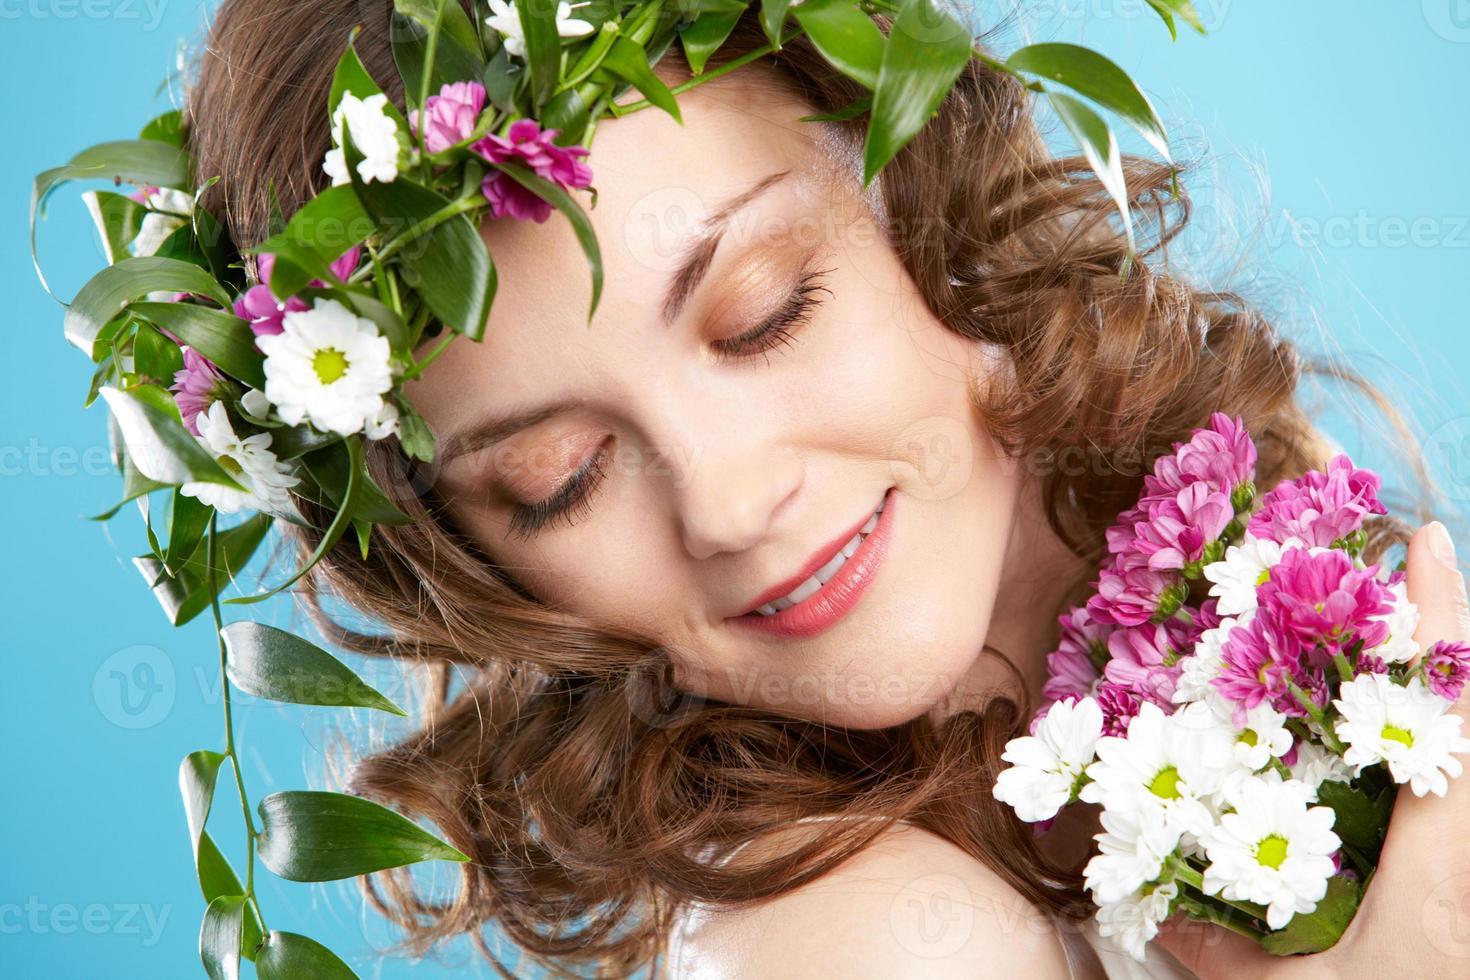 mujer flor foto